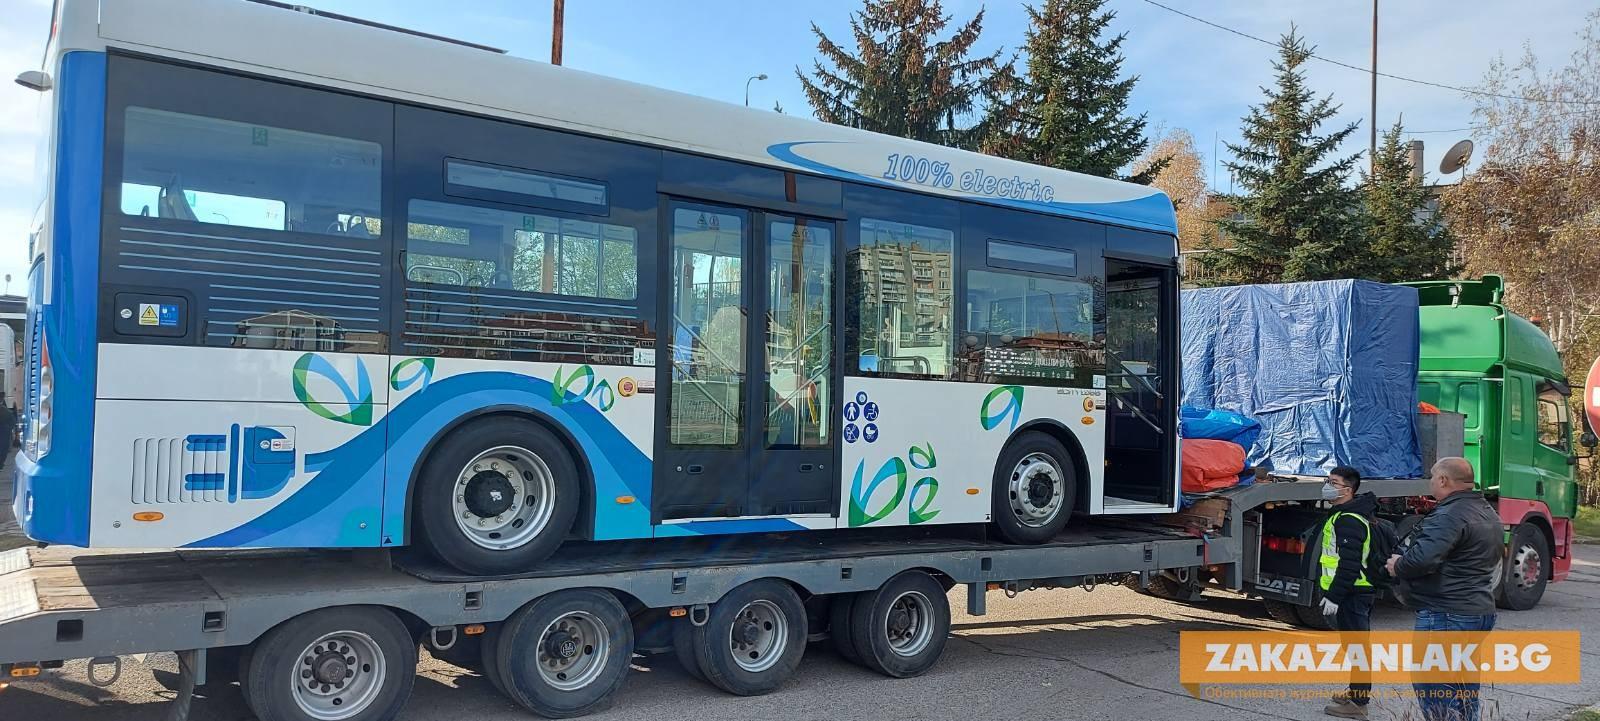 Първите електробуси вече са в Казанлък